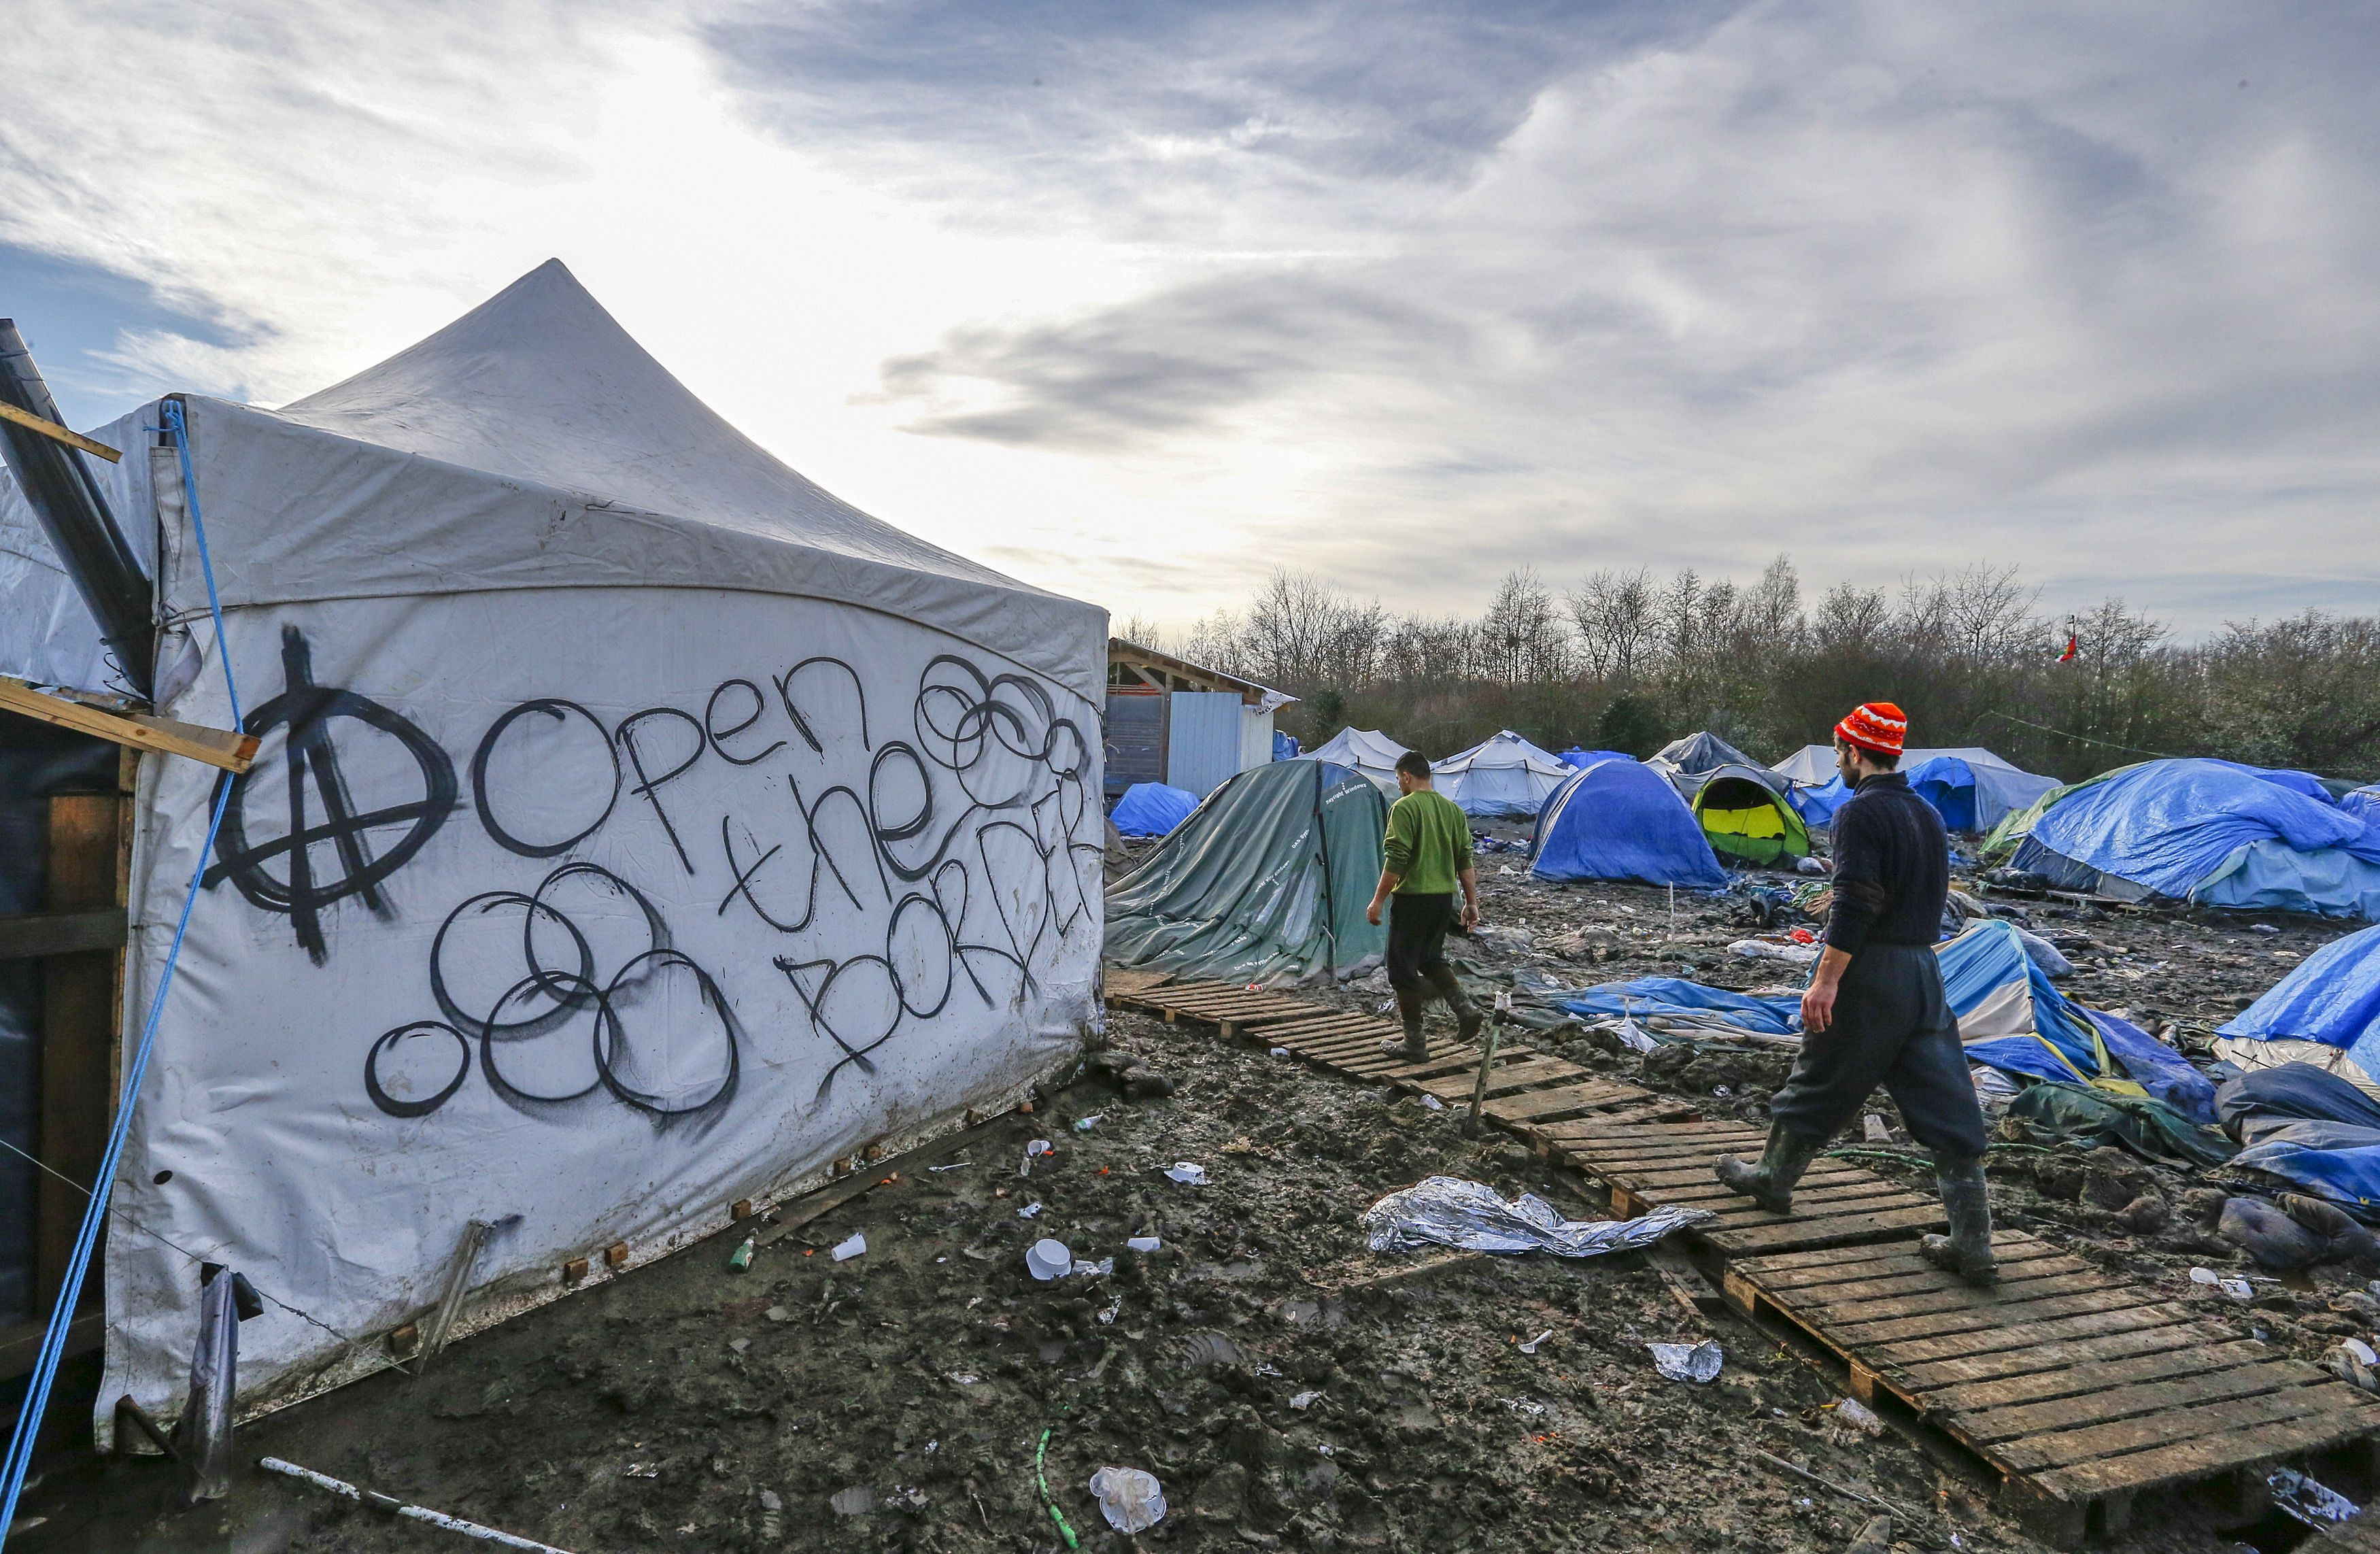 """Jungle de Calais : le démantèlement ne se fera pas """"comme à Sangatte"""", assure Cazeneuve"""